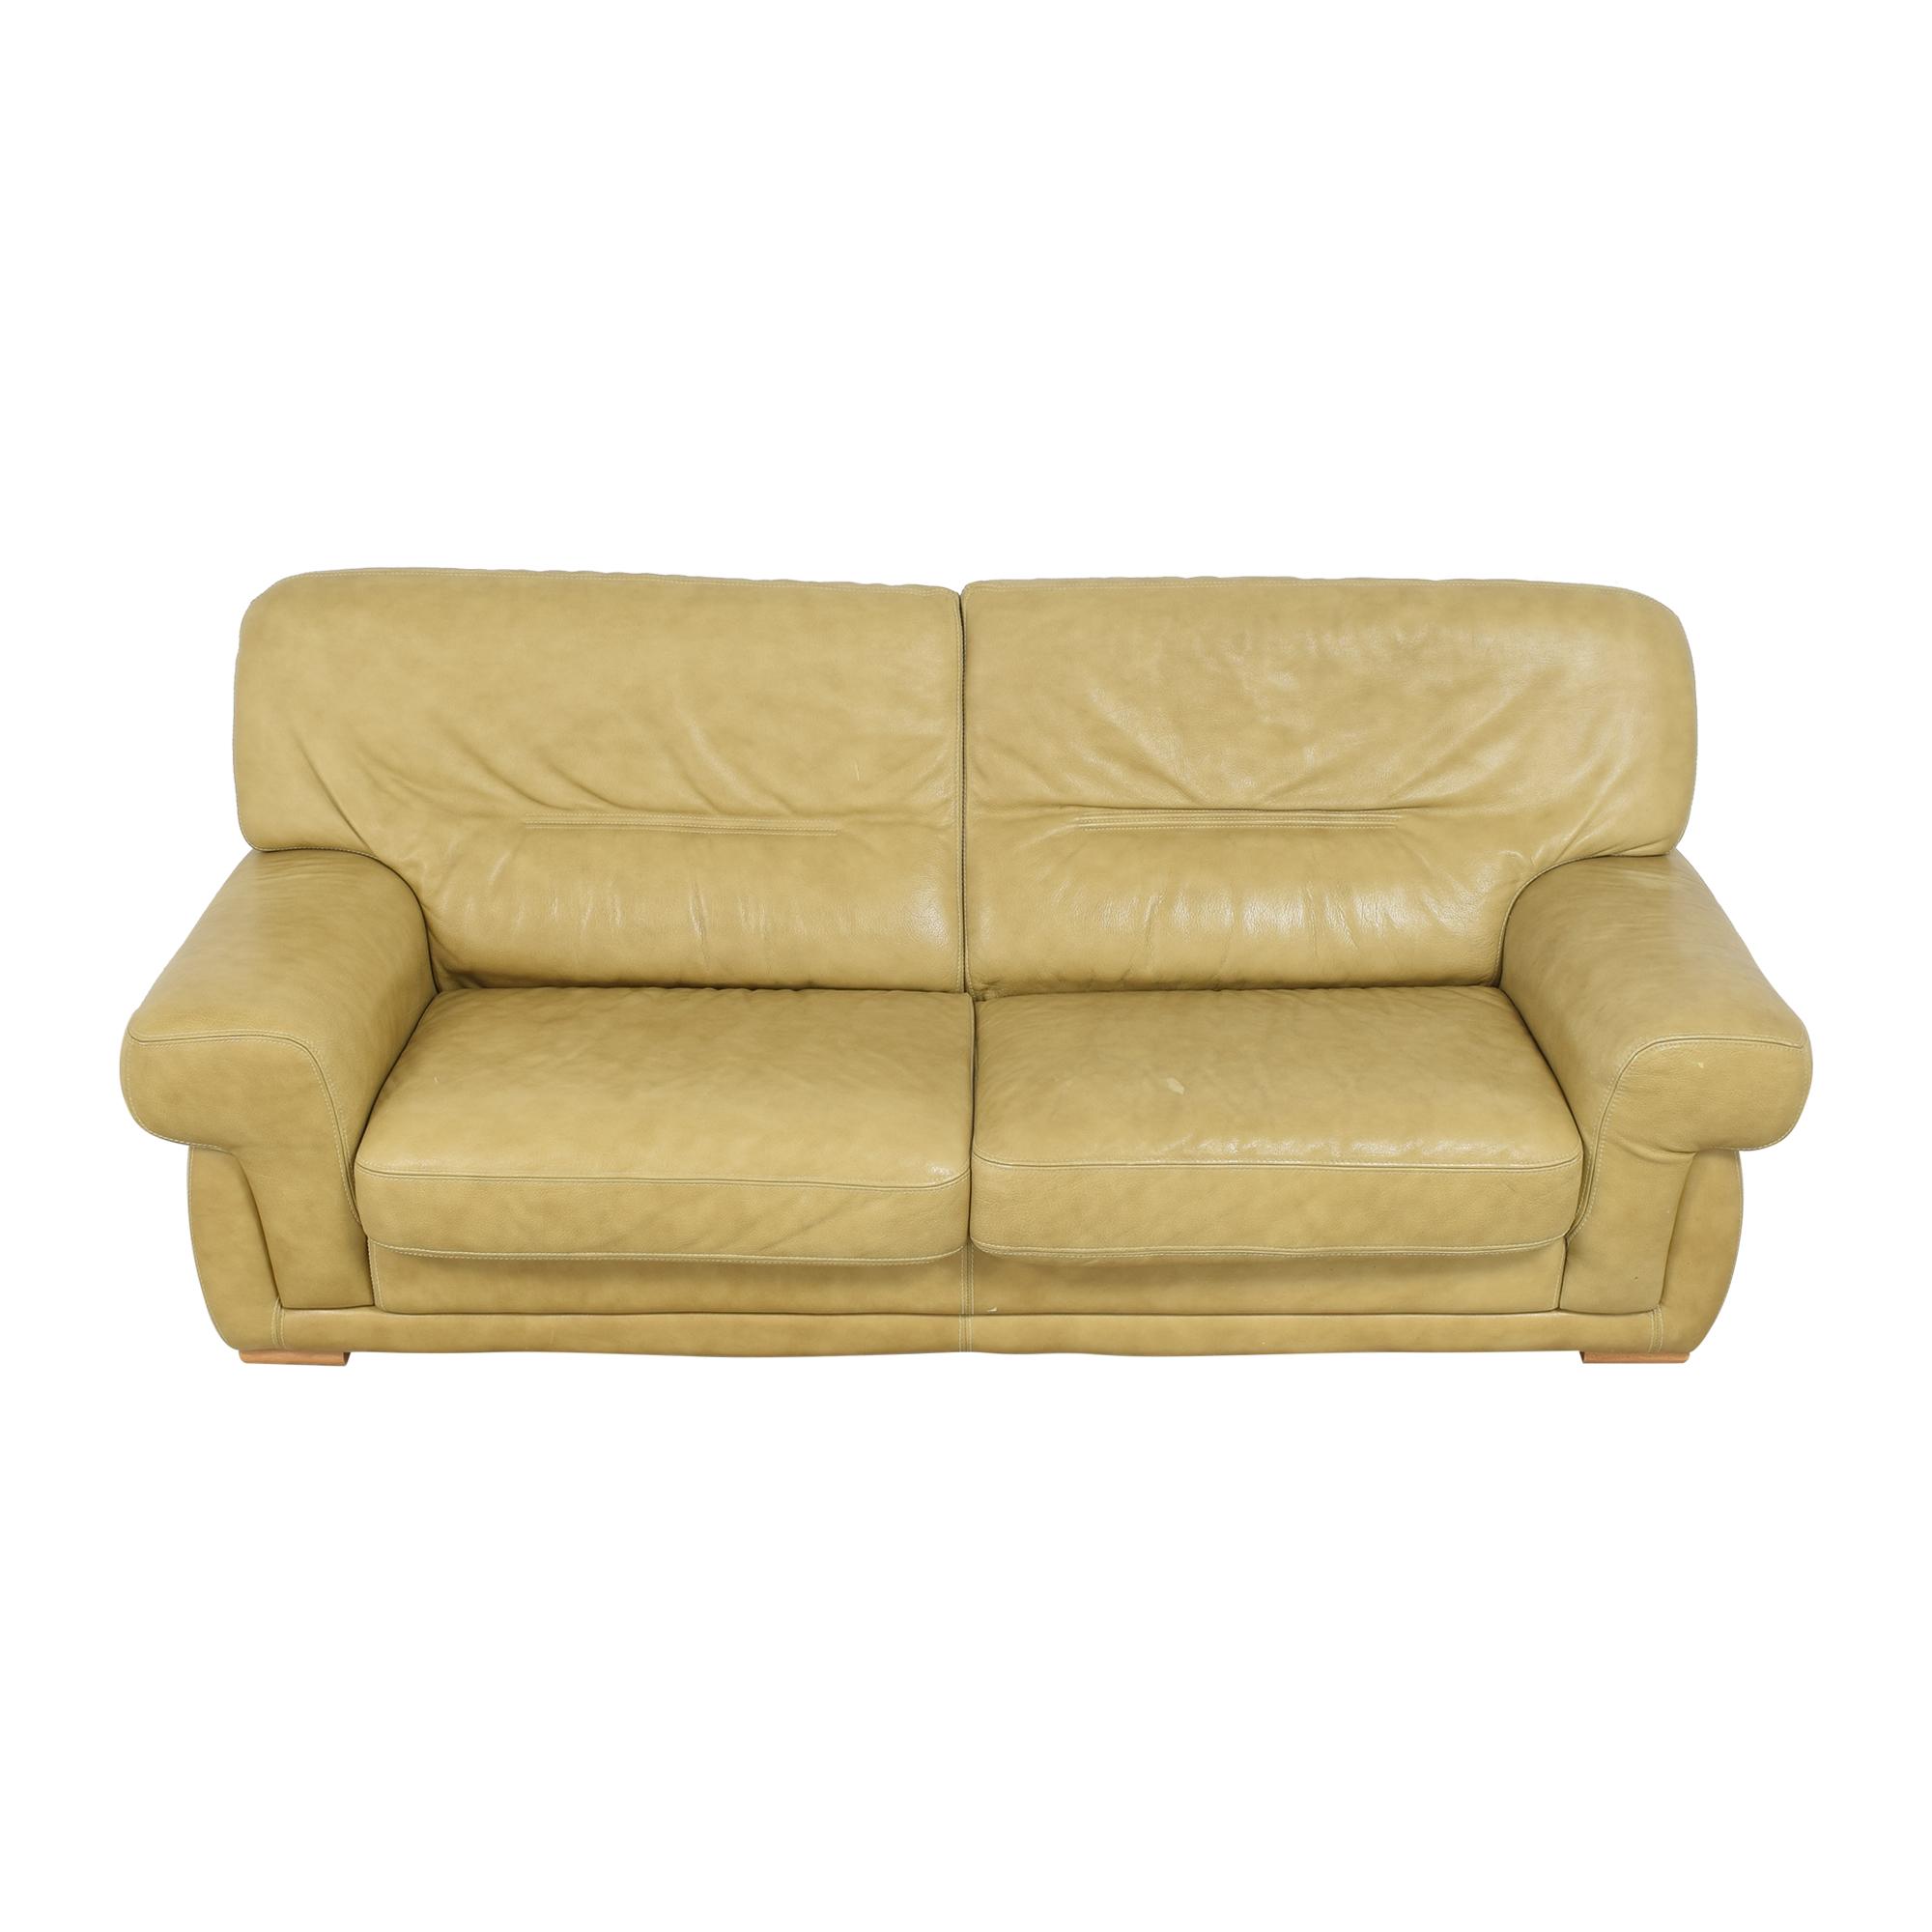 Formitalia Formitalia Two Cushion Sofa for sale